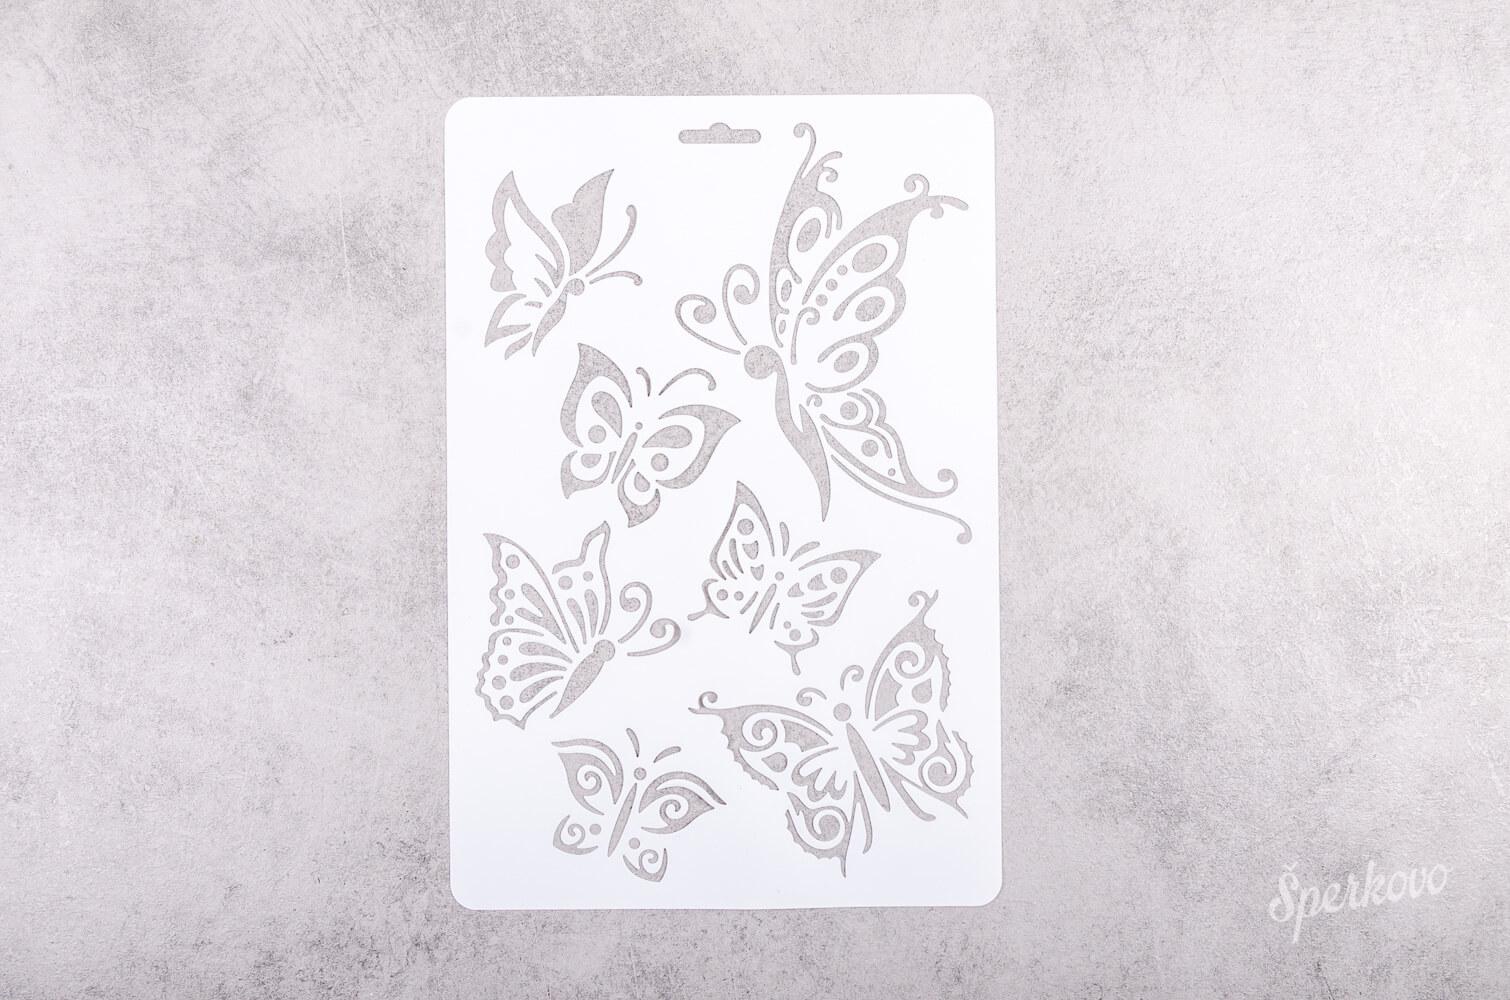 Šablóna na decoupage veľká Motýle